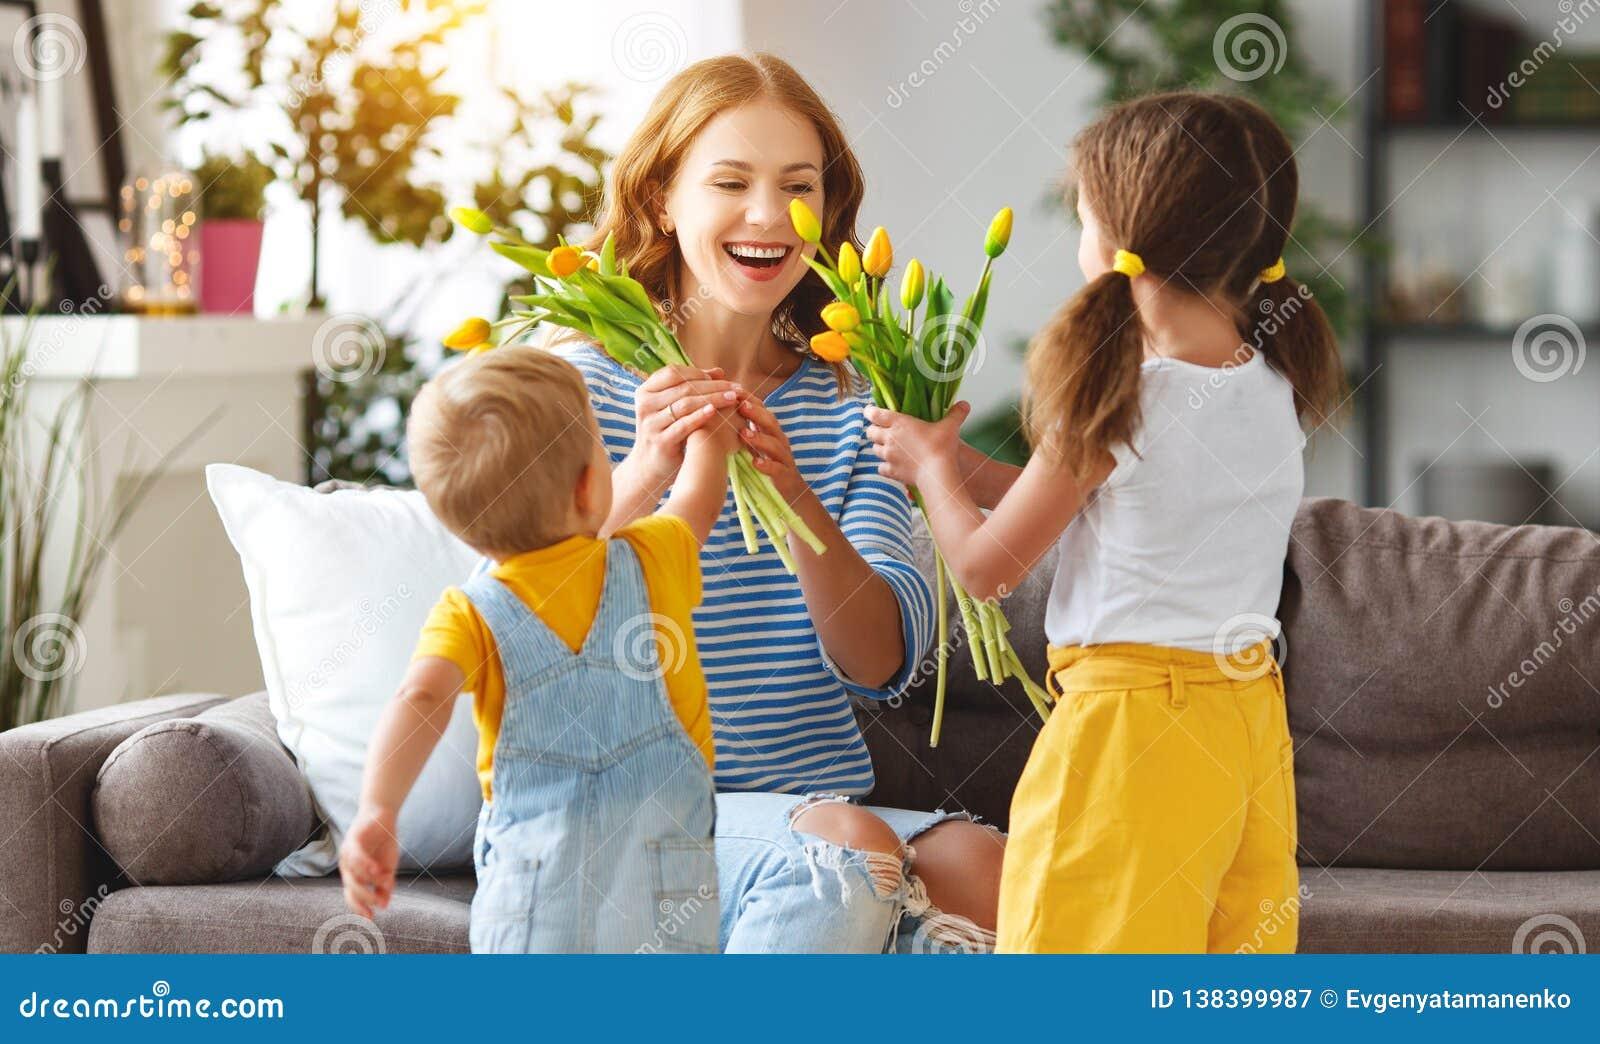 Lyckliga moders dag! Barn gratulerar mammor och ger henne en gåva och blommor